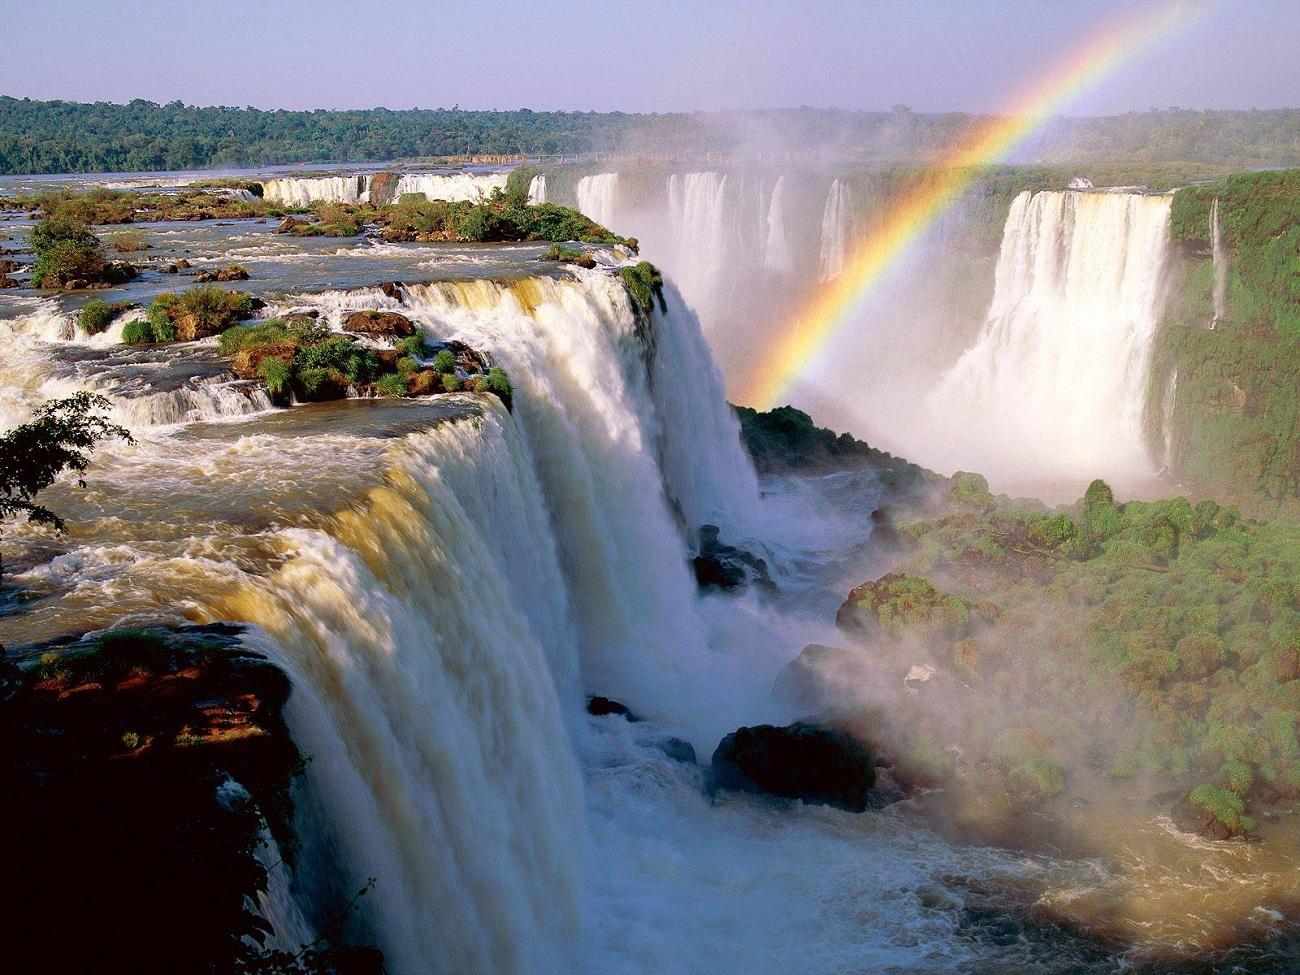 Cascada Iguacu şi un frumos curcubeu